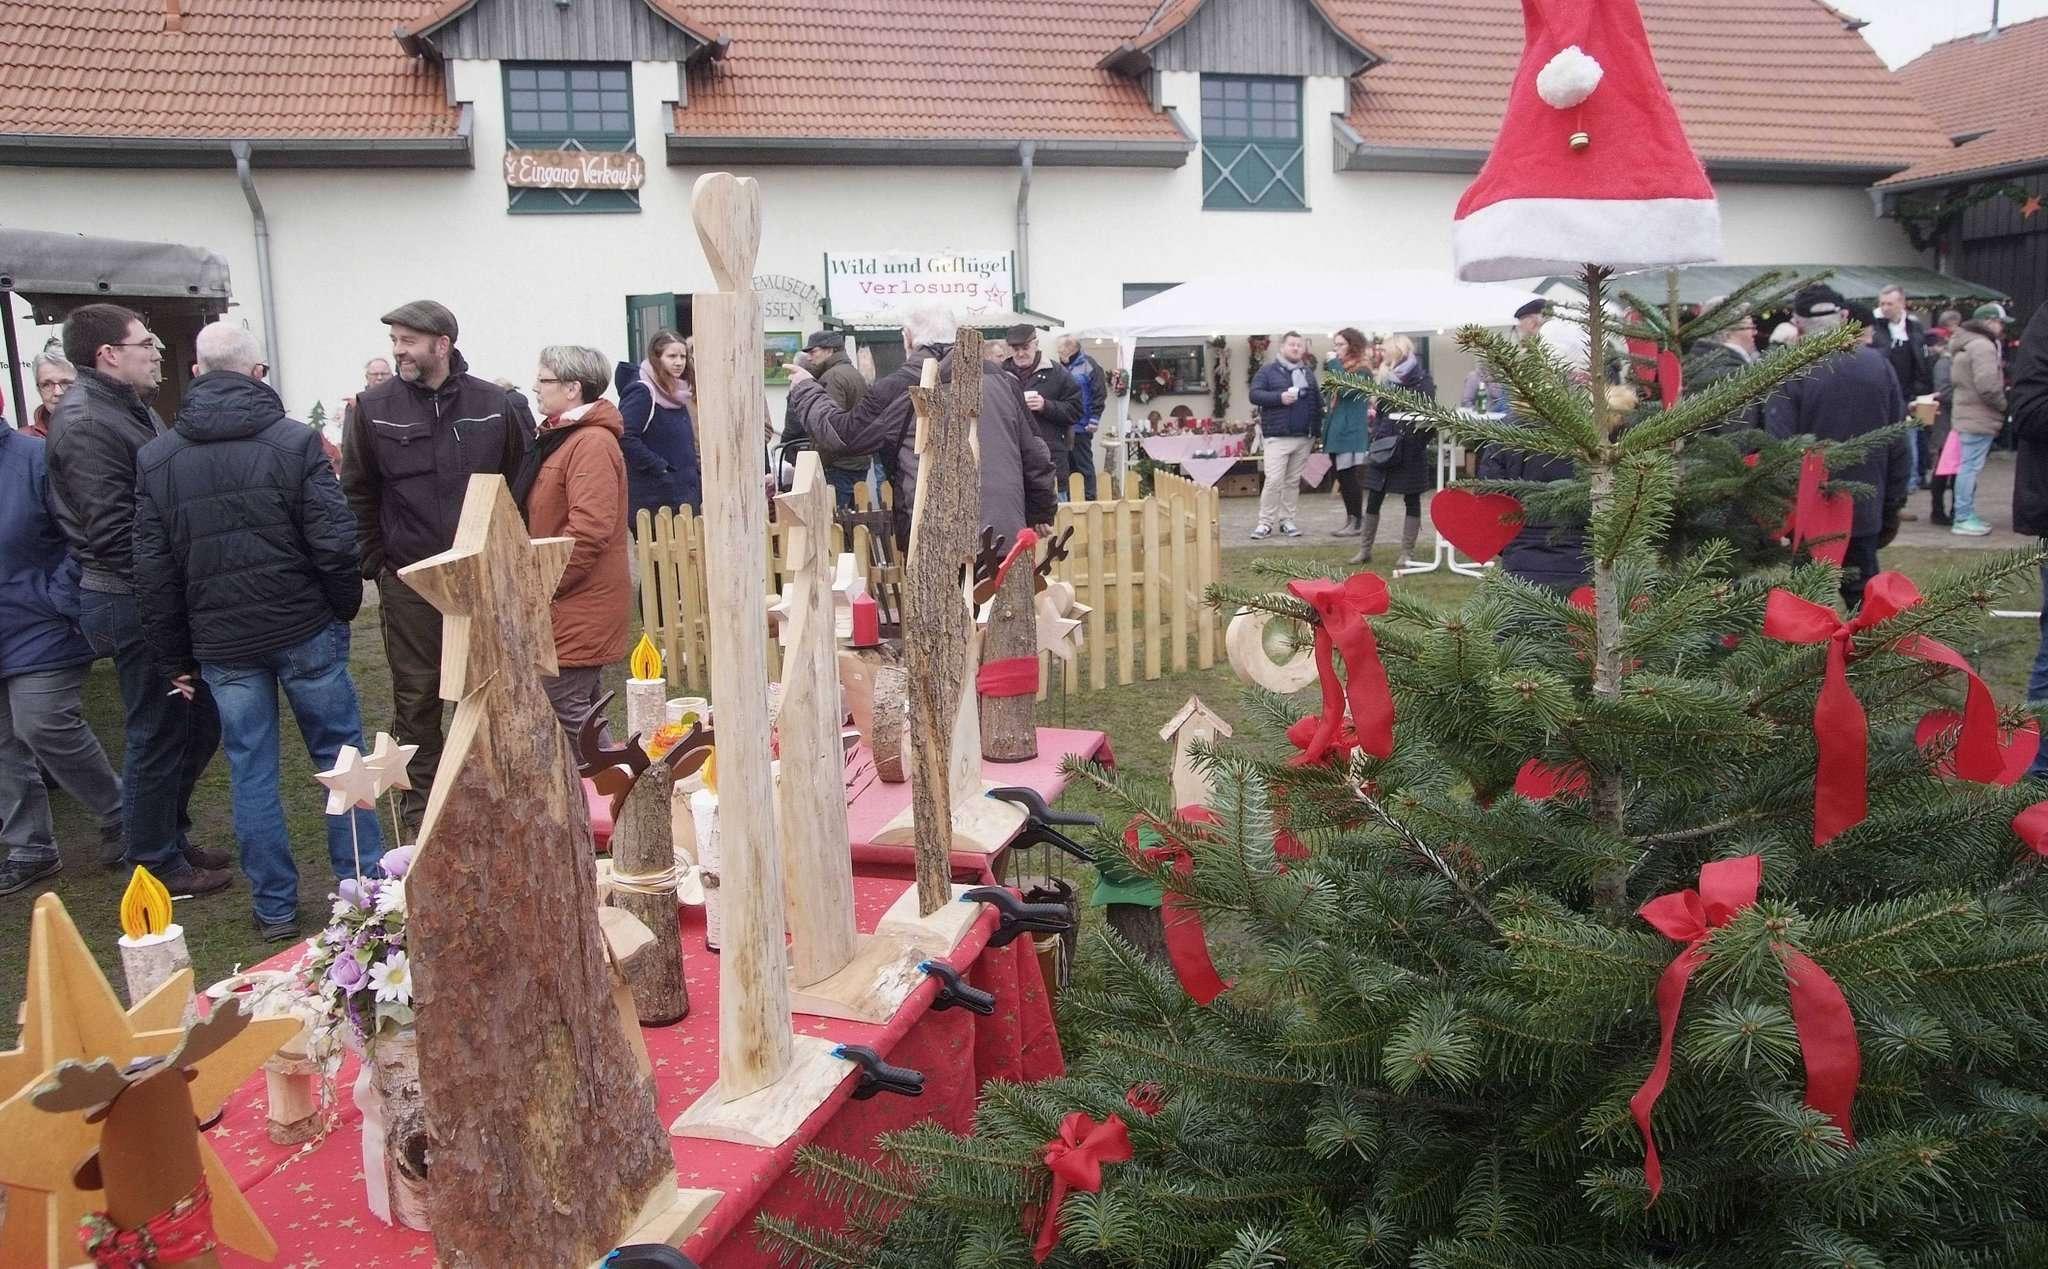 Reger Betrieb auf dem Weihnachtsmarkt rund um Blocks Huus in Bassen.  Foto: Tobias Woelki